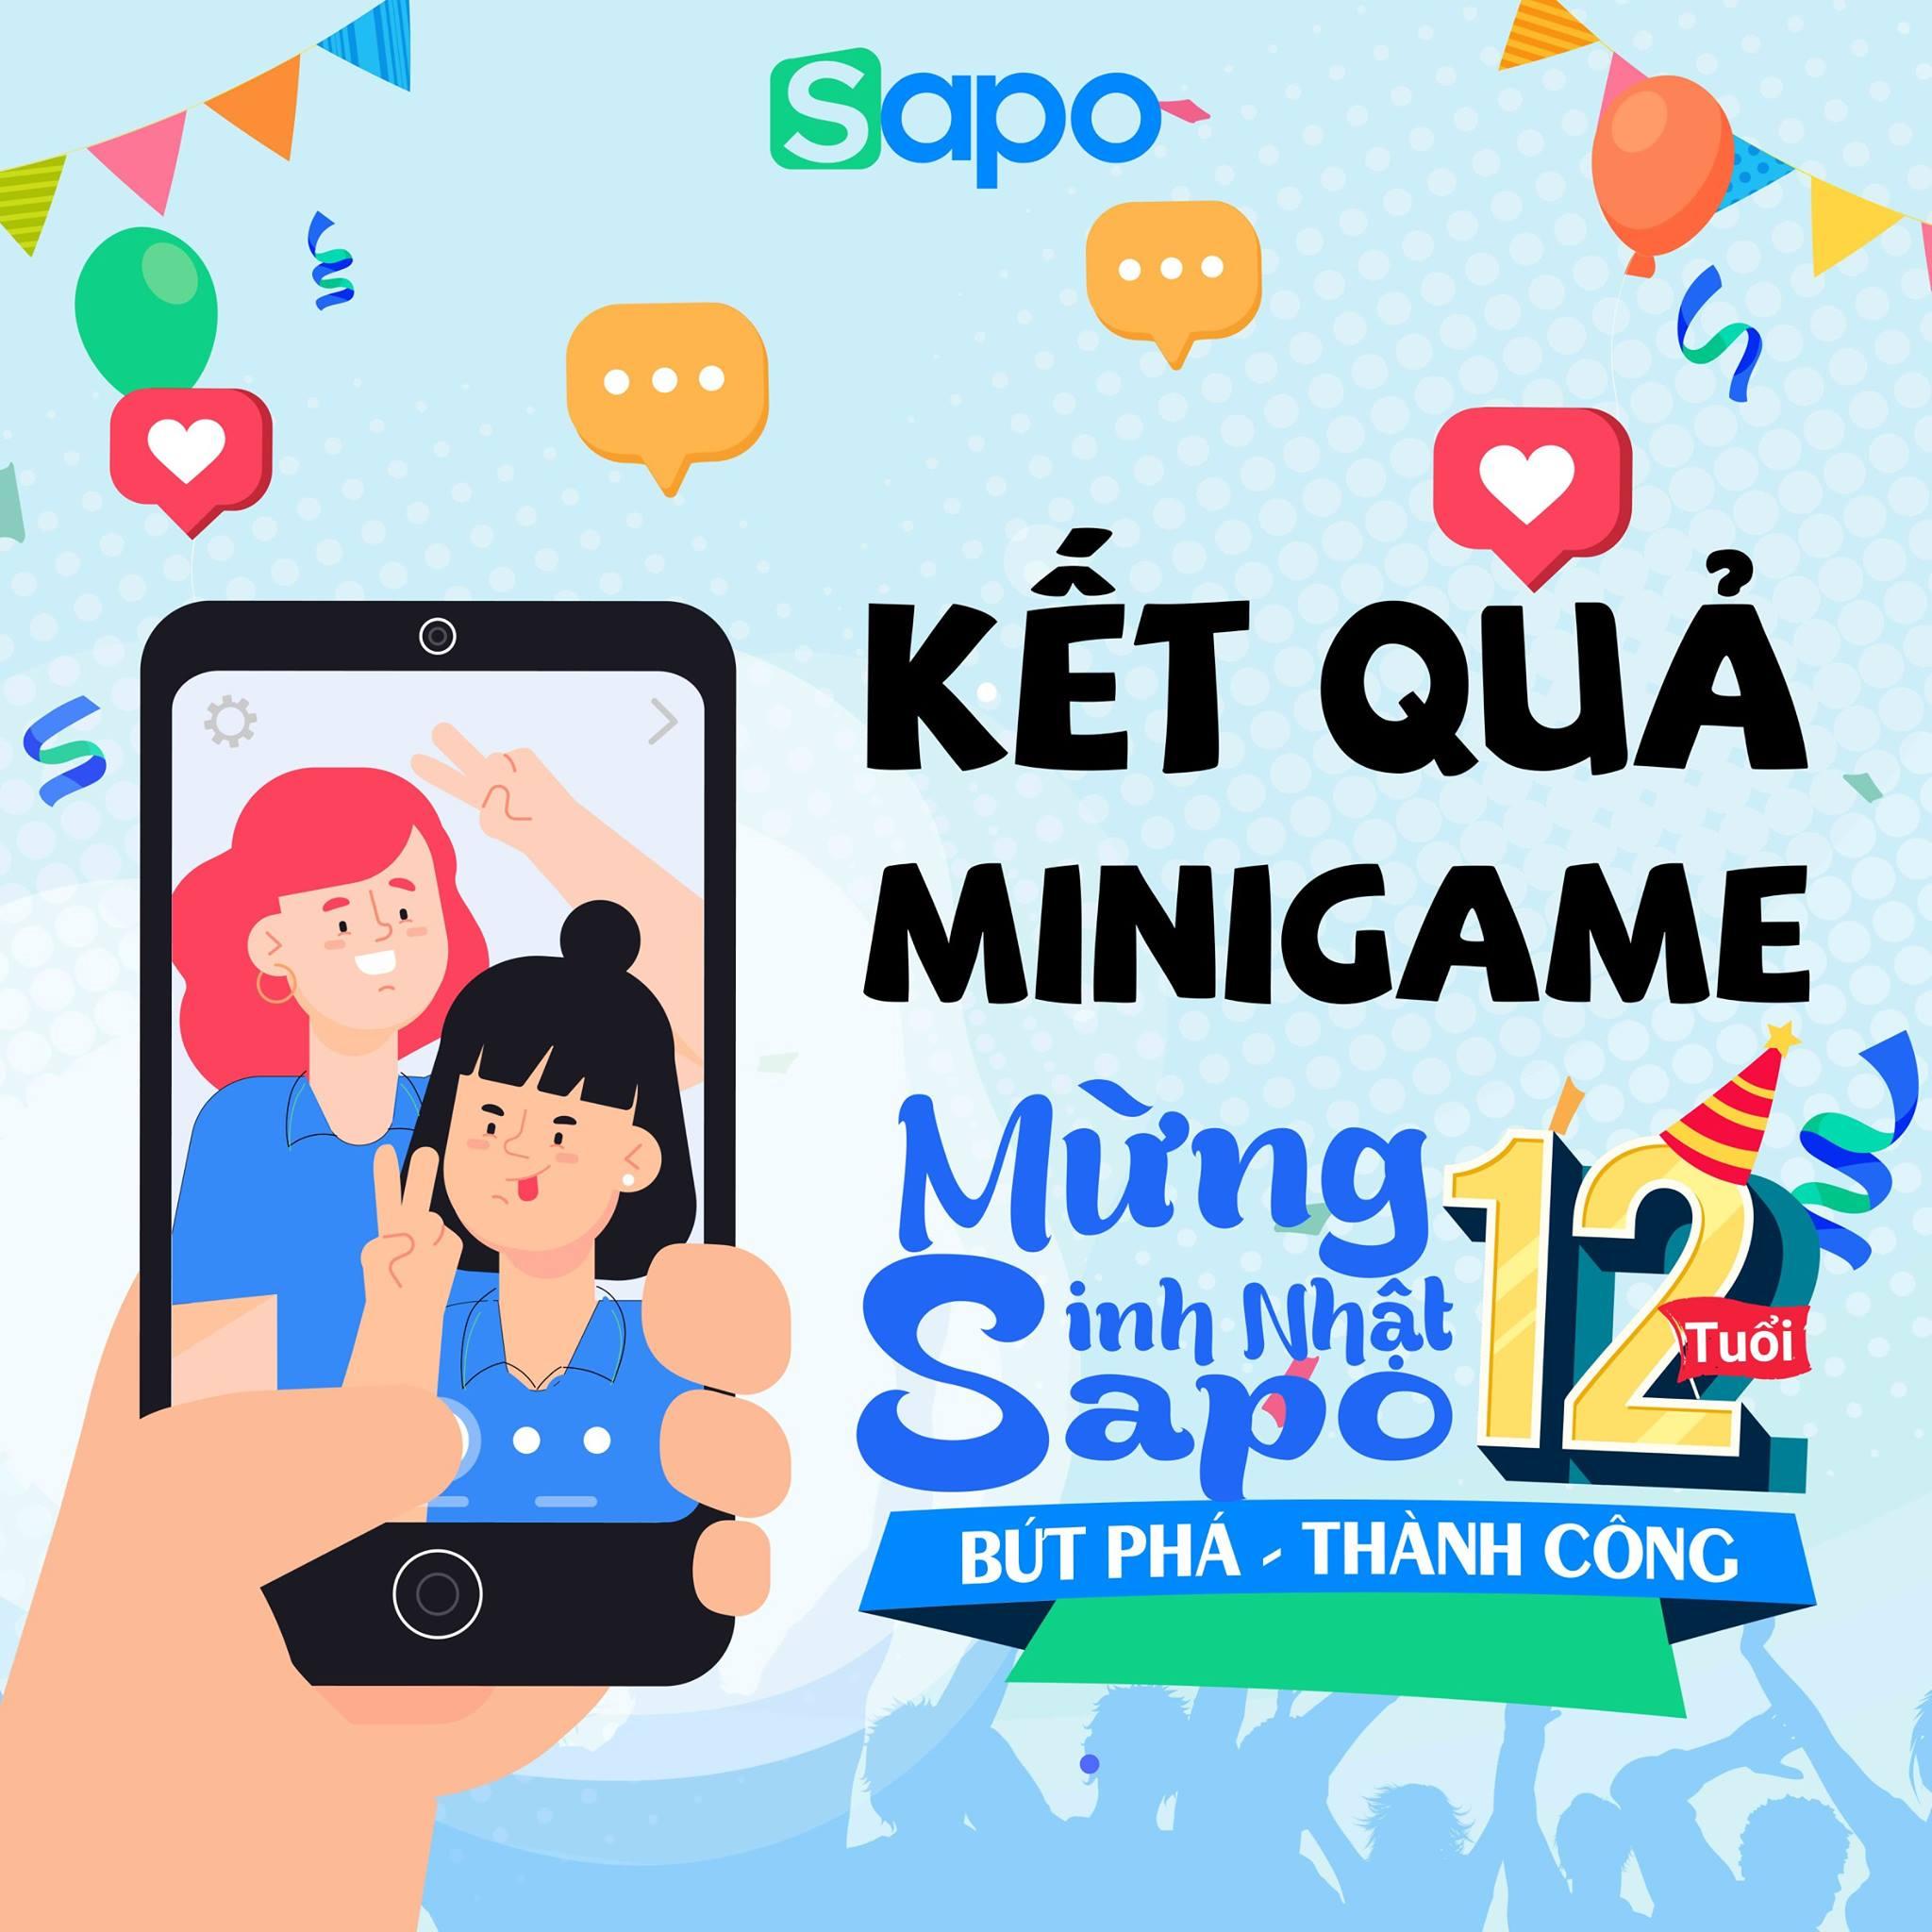 Kết quả Minigame: Chúc sinh nhật Sapo - Nhận ngay lô quà tặng.